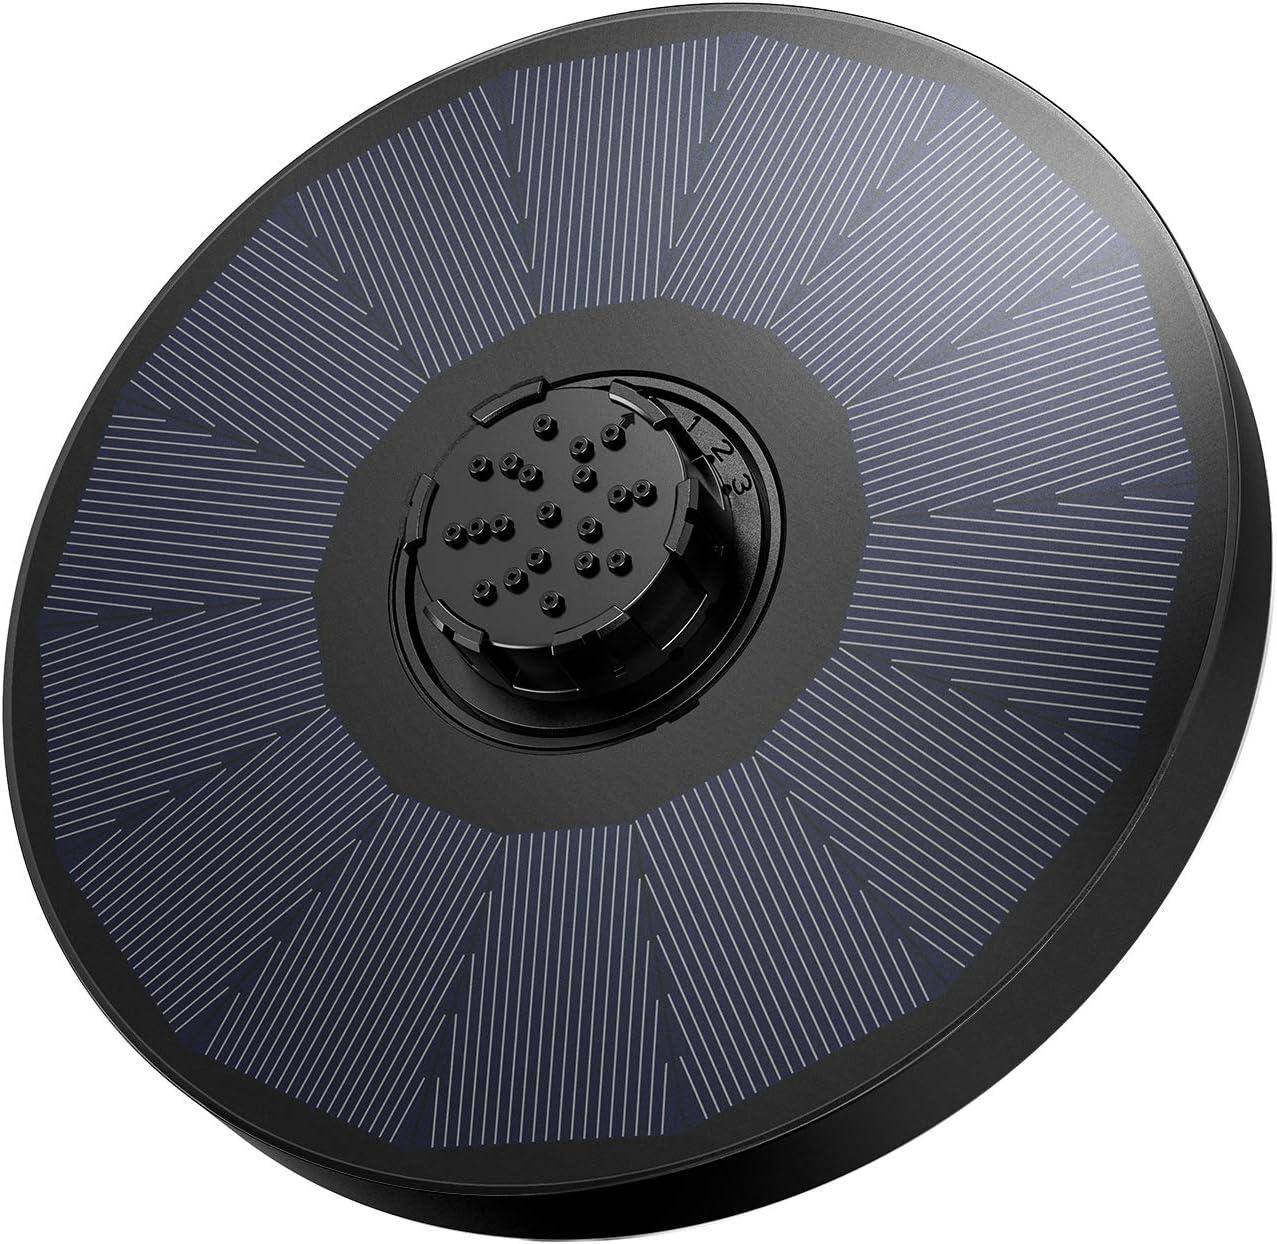 OMORC Bomba Fuente Solar, Bomba de Agua Solar, Fuente Solar Jardín Mejorada con Boquilla 4 en 1 y 2 Esponjas de Filtro, 4 Modos de Rociado de Agua para Baño de Pájaros, Acuario y Decoración de Jardín